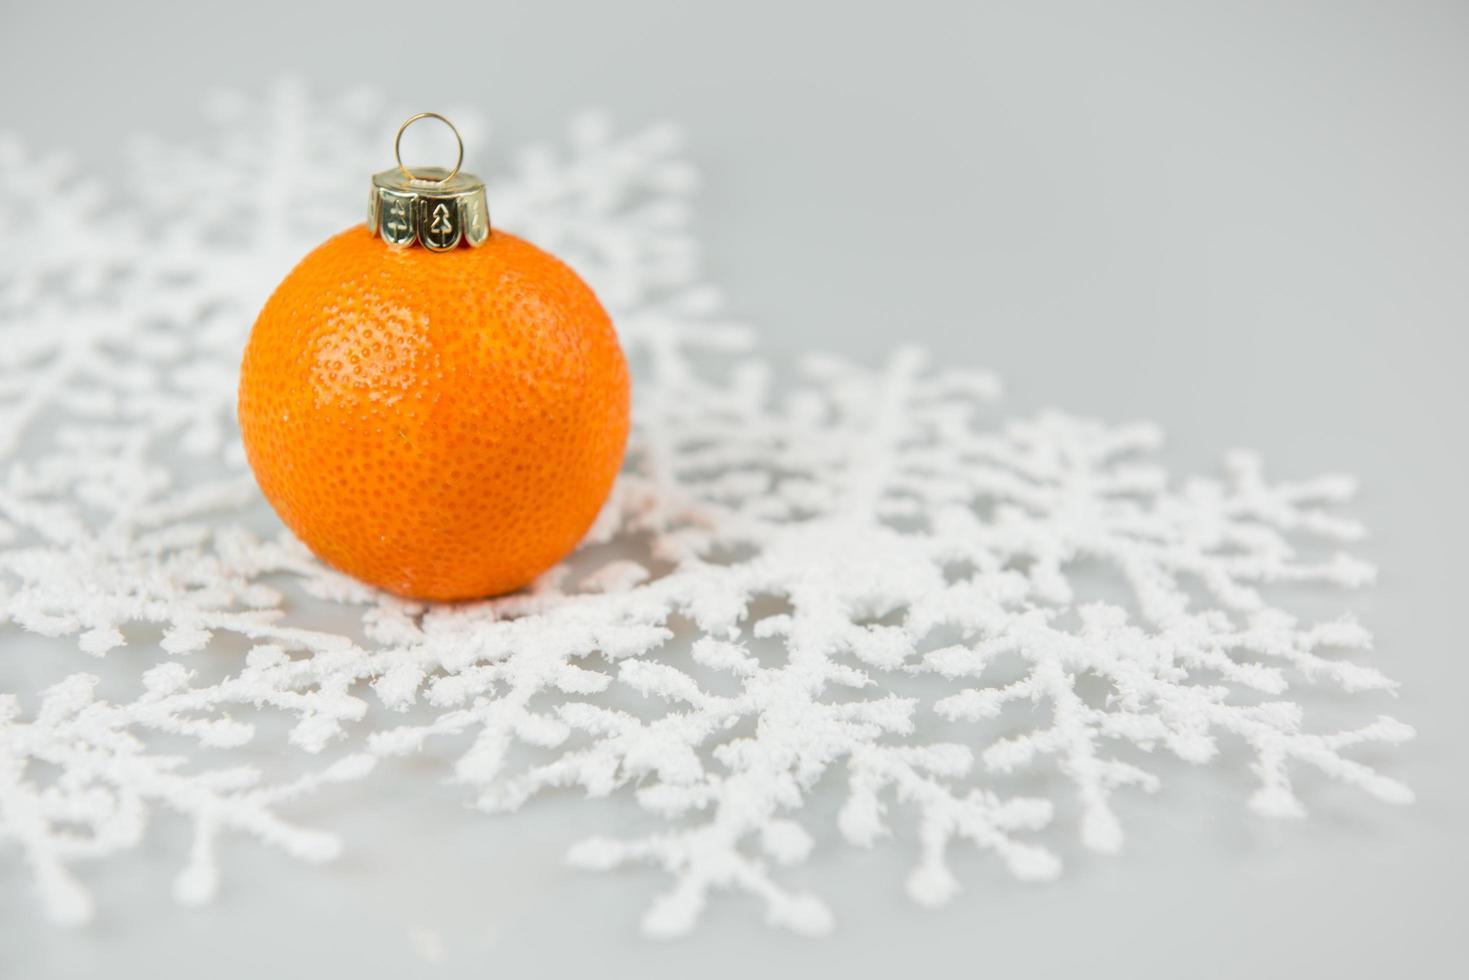 eine Mandarinenkugel auf einer Schneeflocke foto